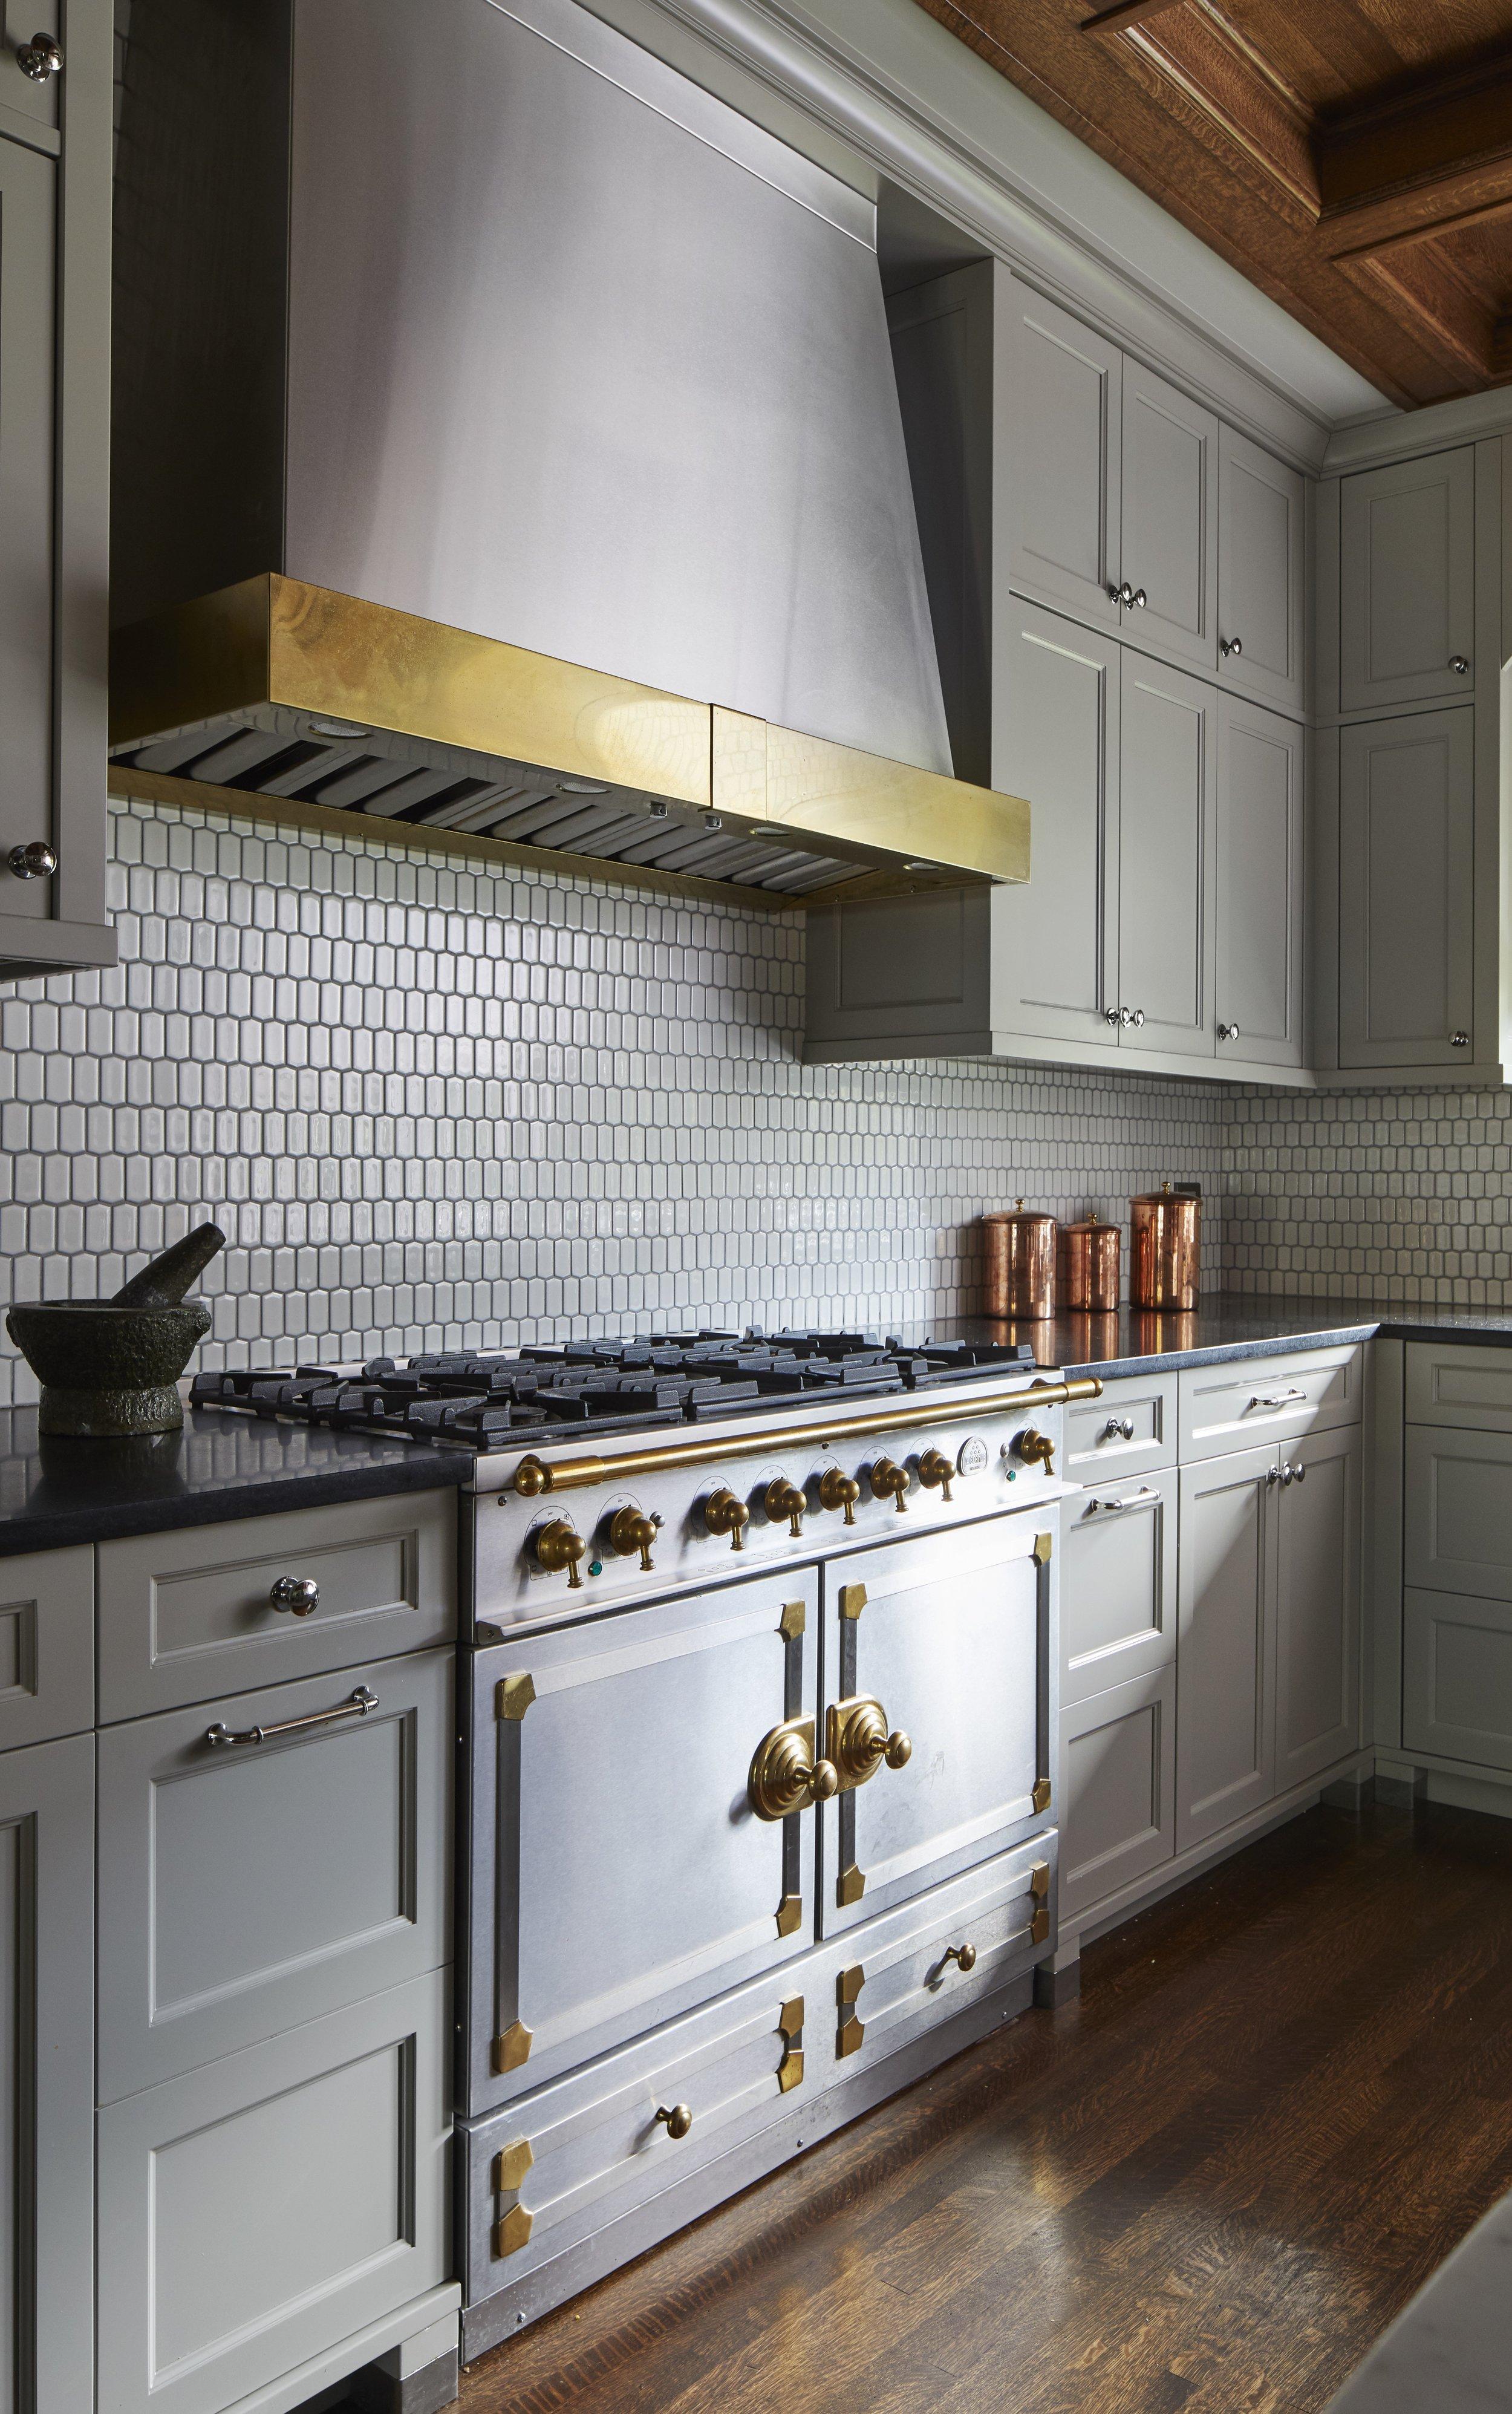 TH kitchen 2.jpg